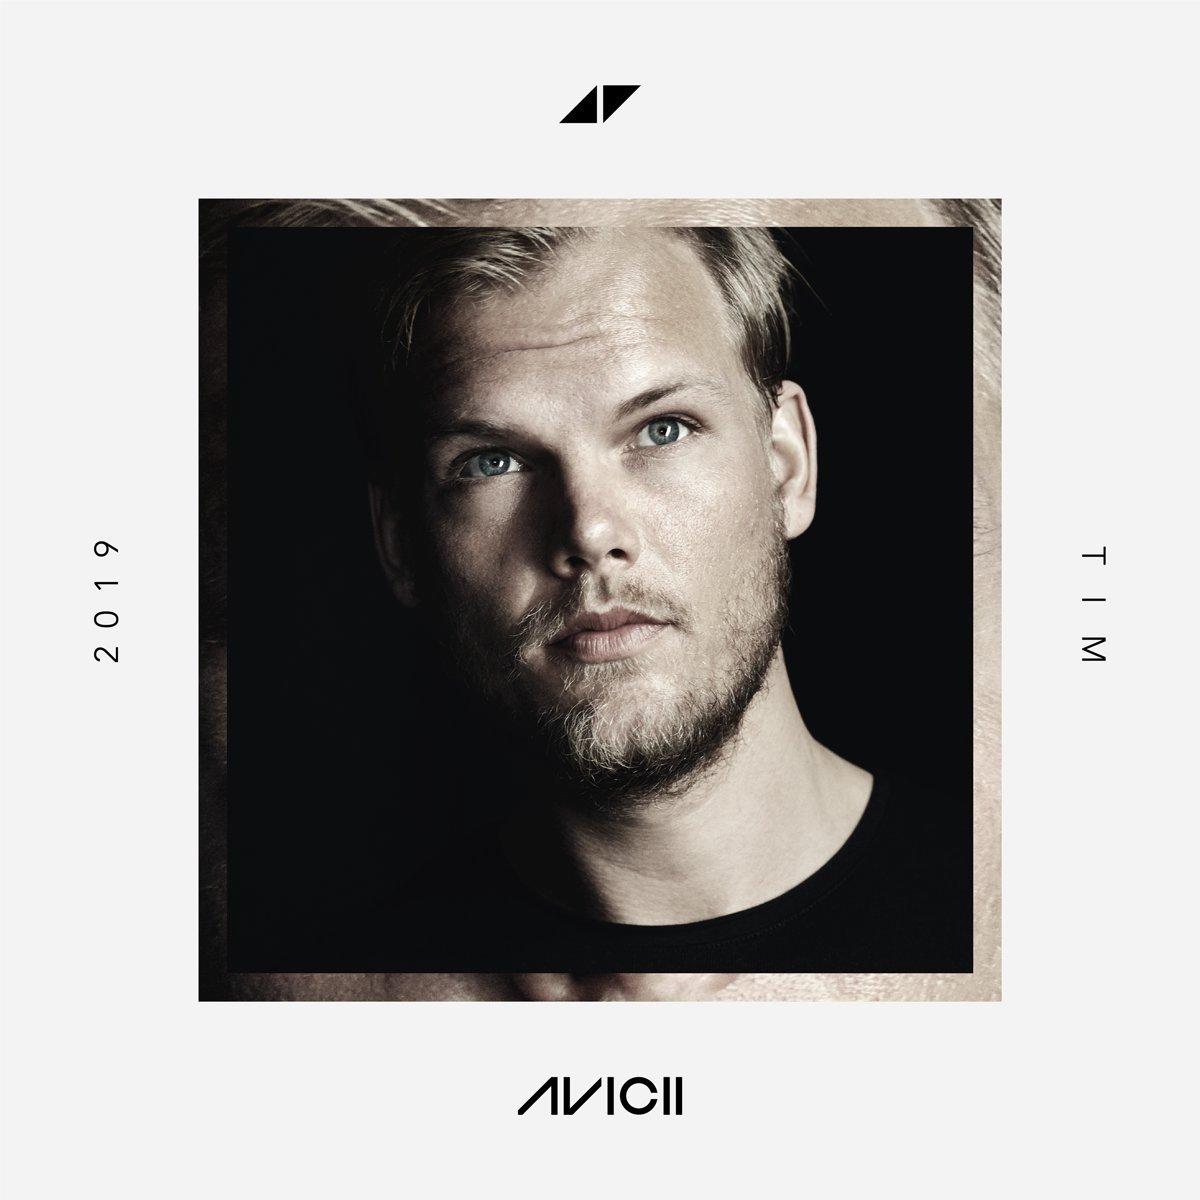 Tim (CD) - Avicii